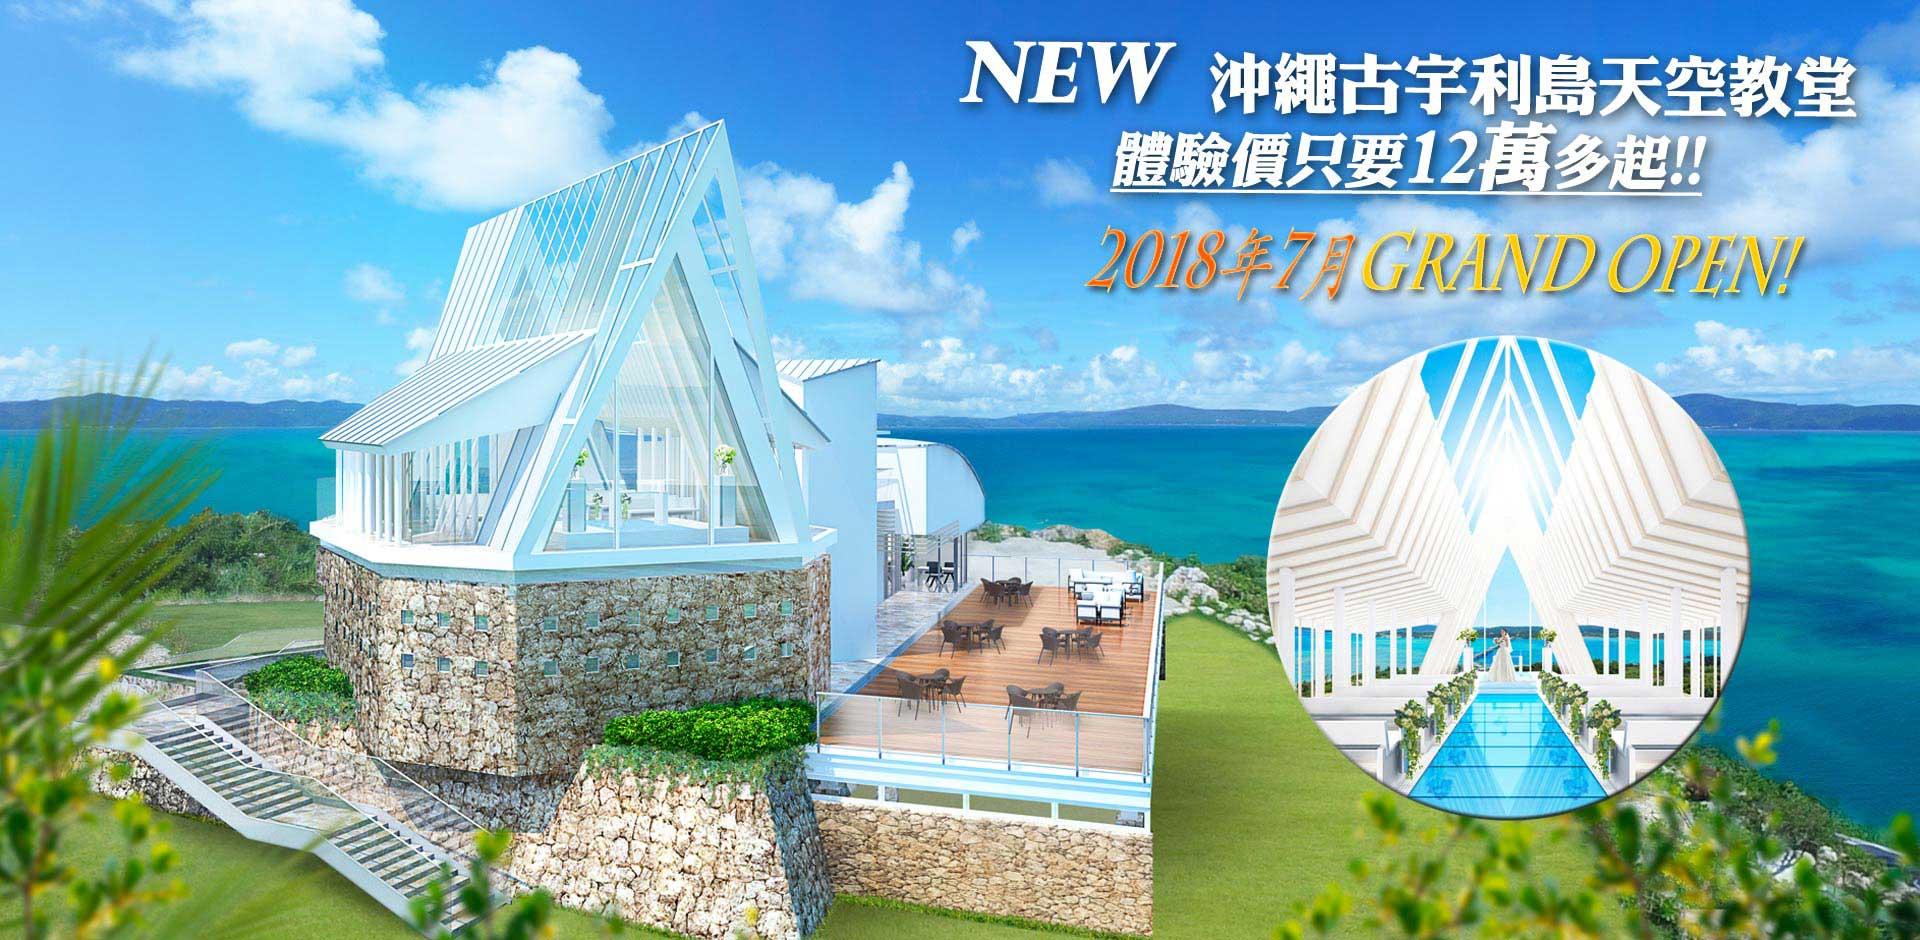 全新沖繩古宇利島天空教堂,體驗價只要12萬多起,2018年7月全新登場!!